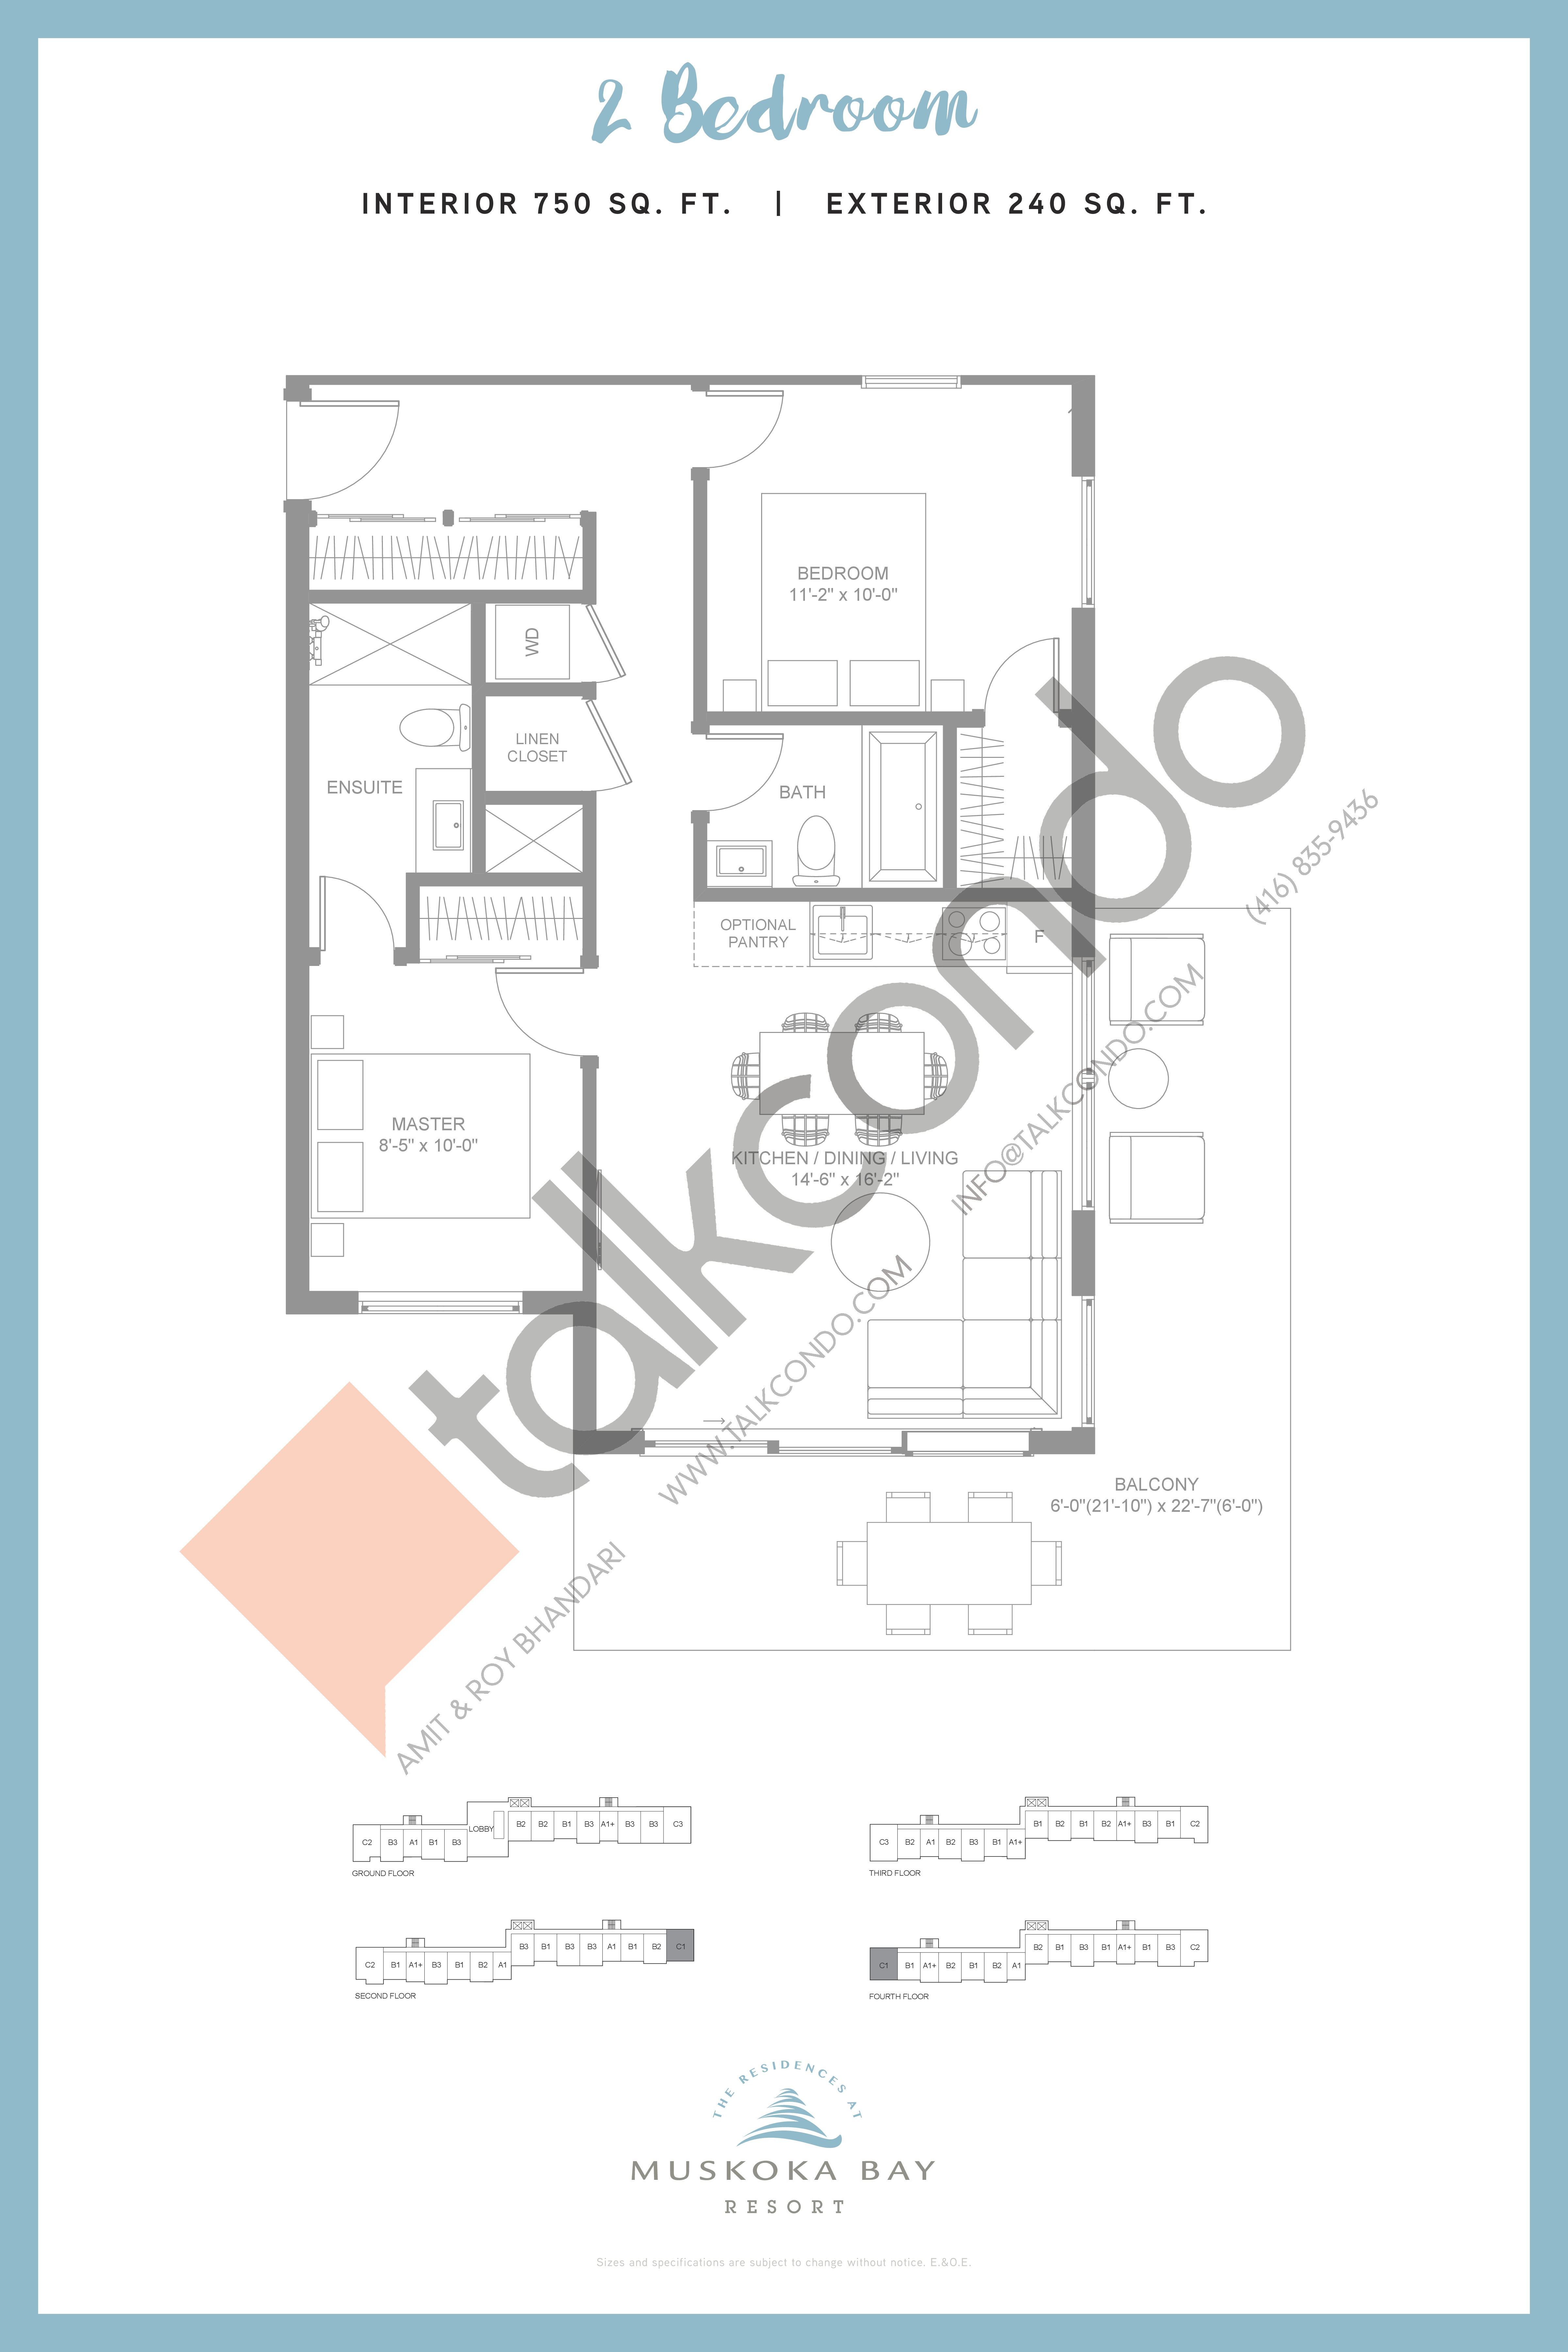 C2 (Suite Collection) Floor Plan at Muskoka Bay Resort - 750 sq.ft